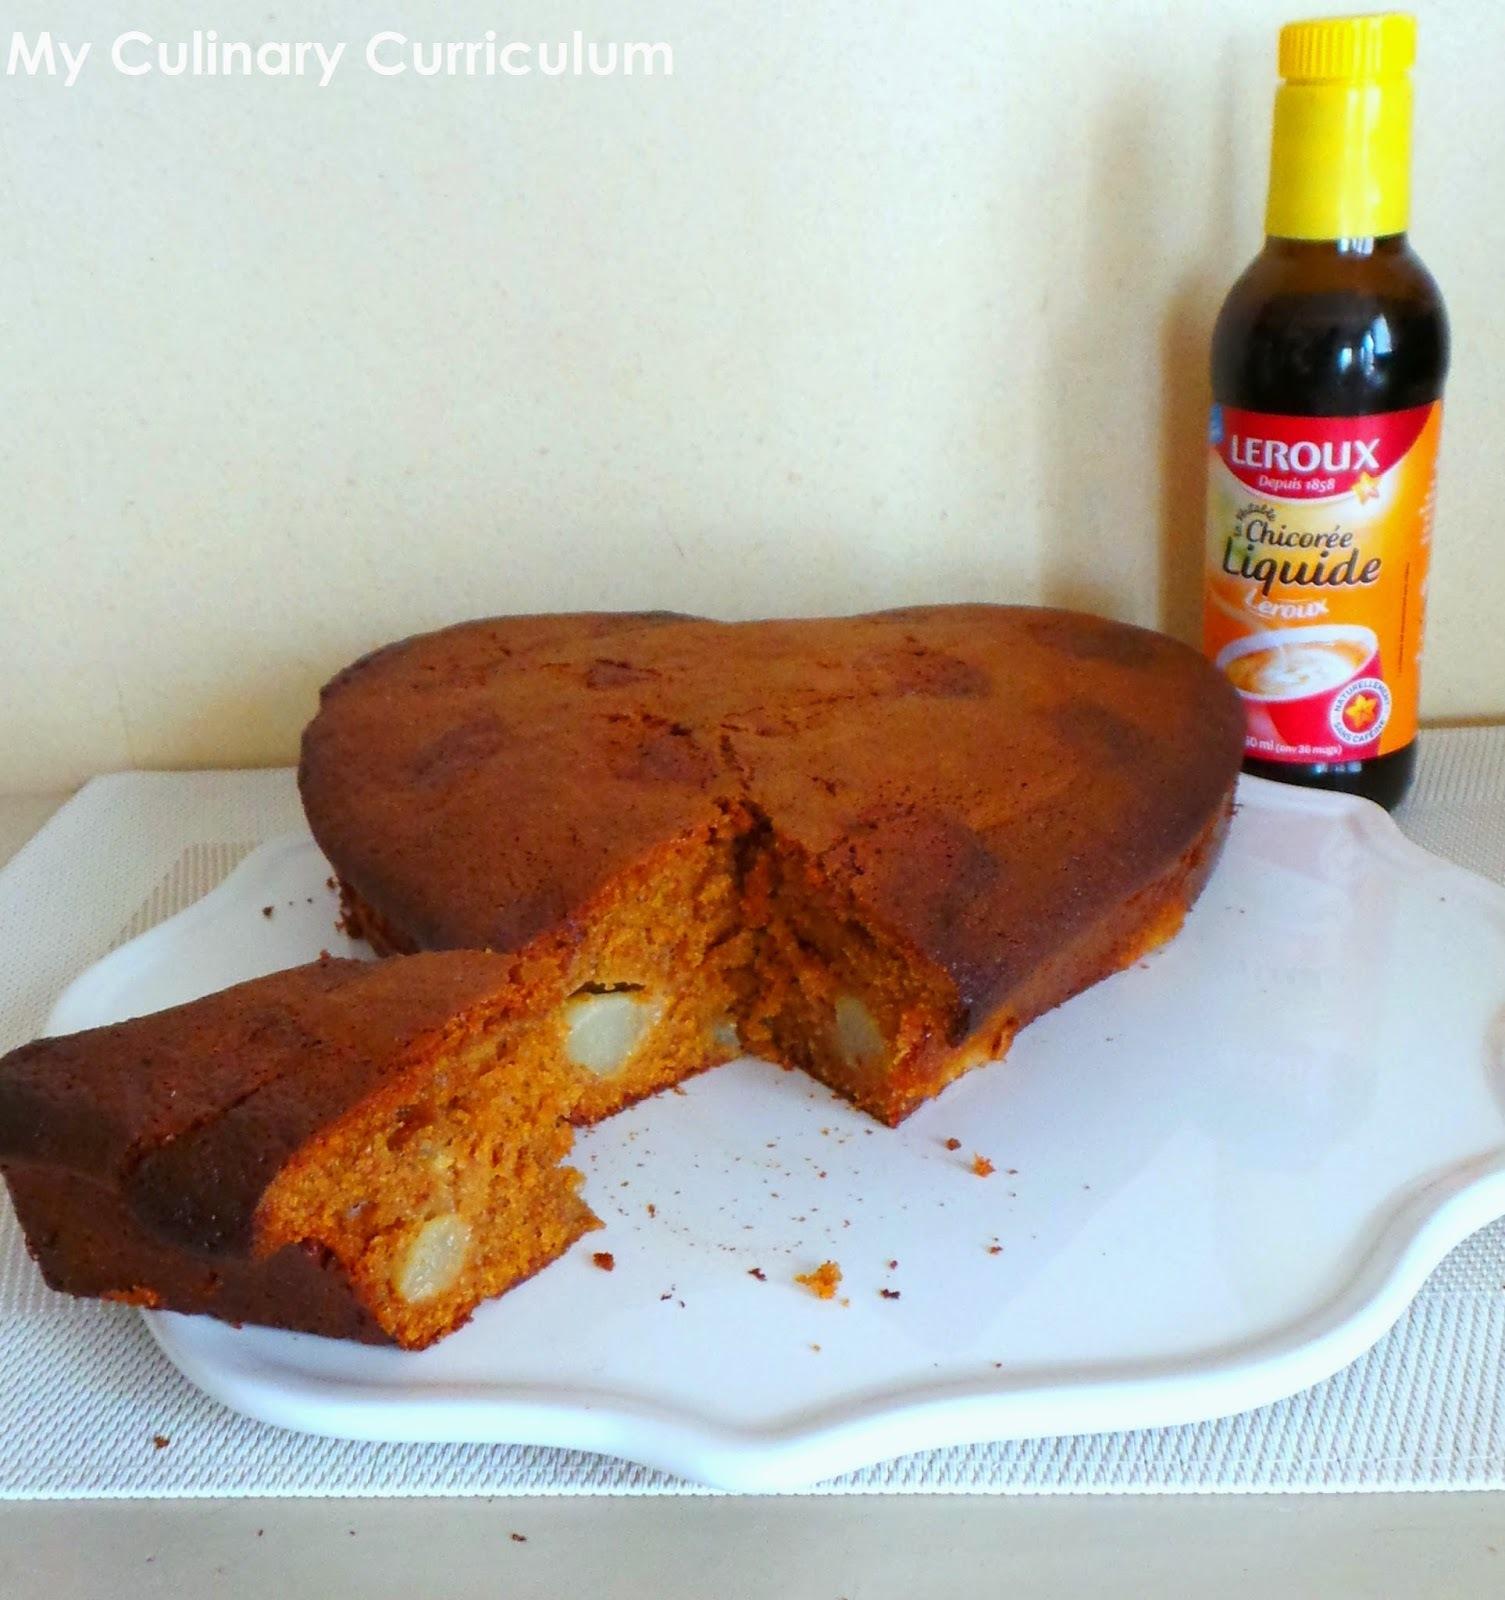 Gâteau à la chicorée et à la poire (Cake with chicory and pear)